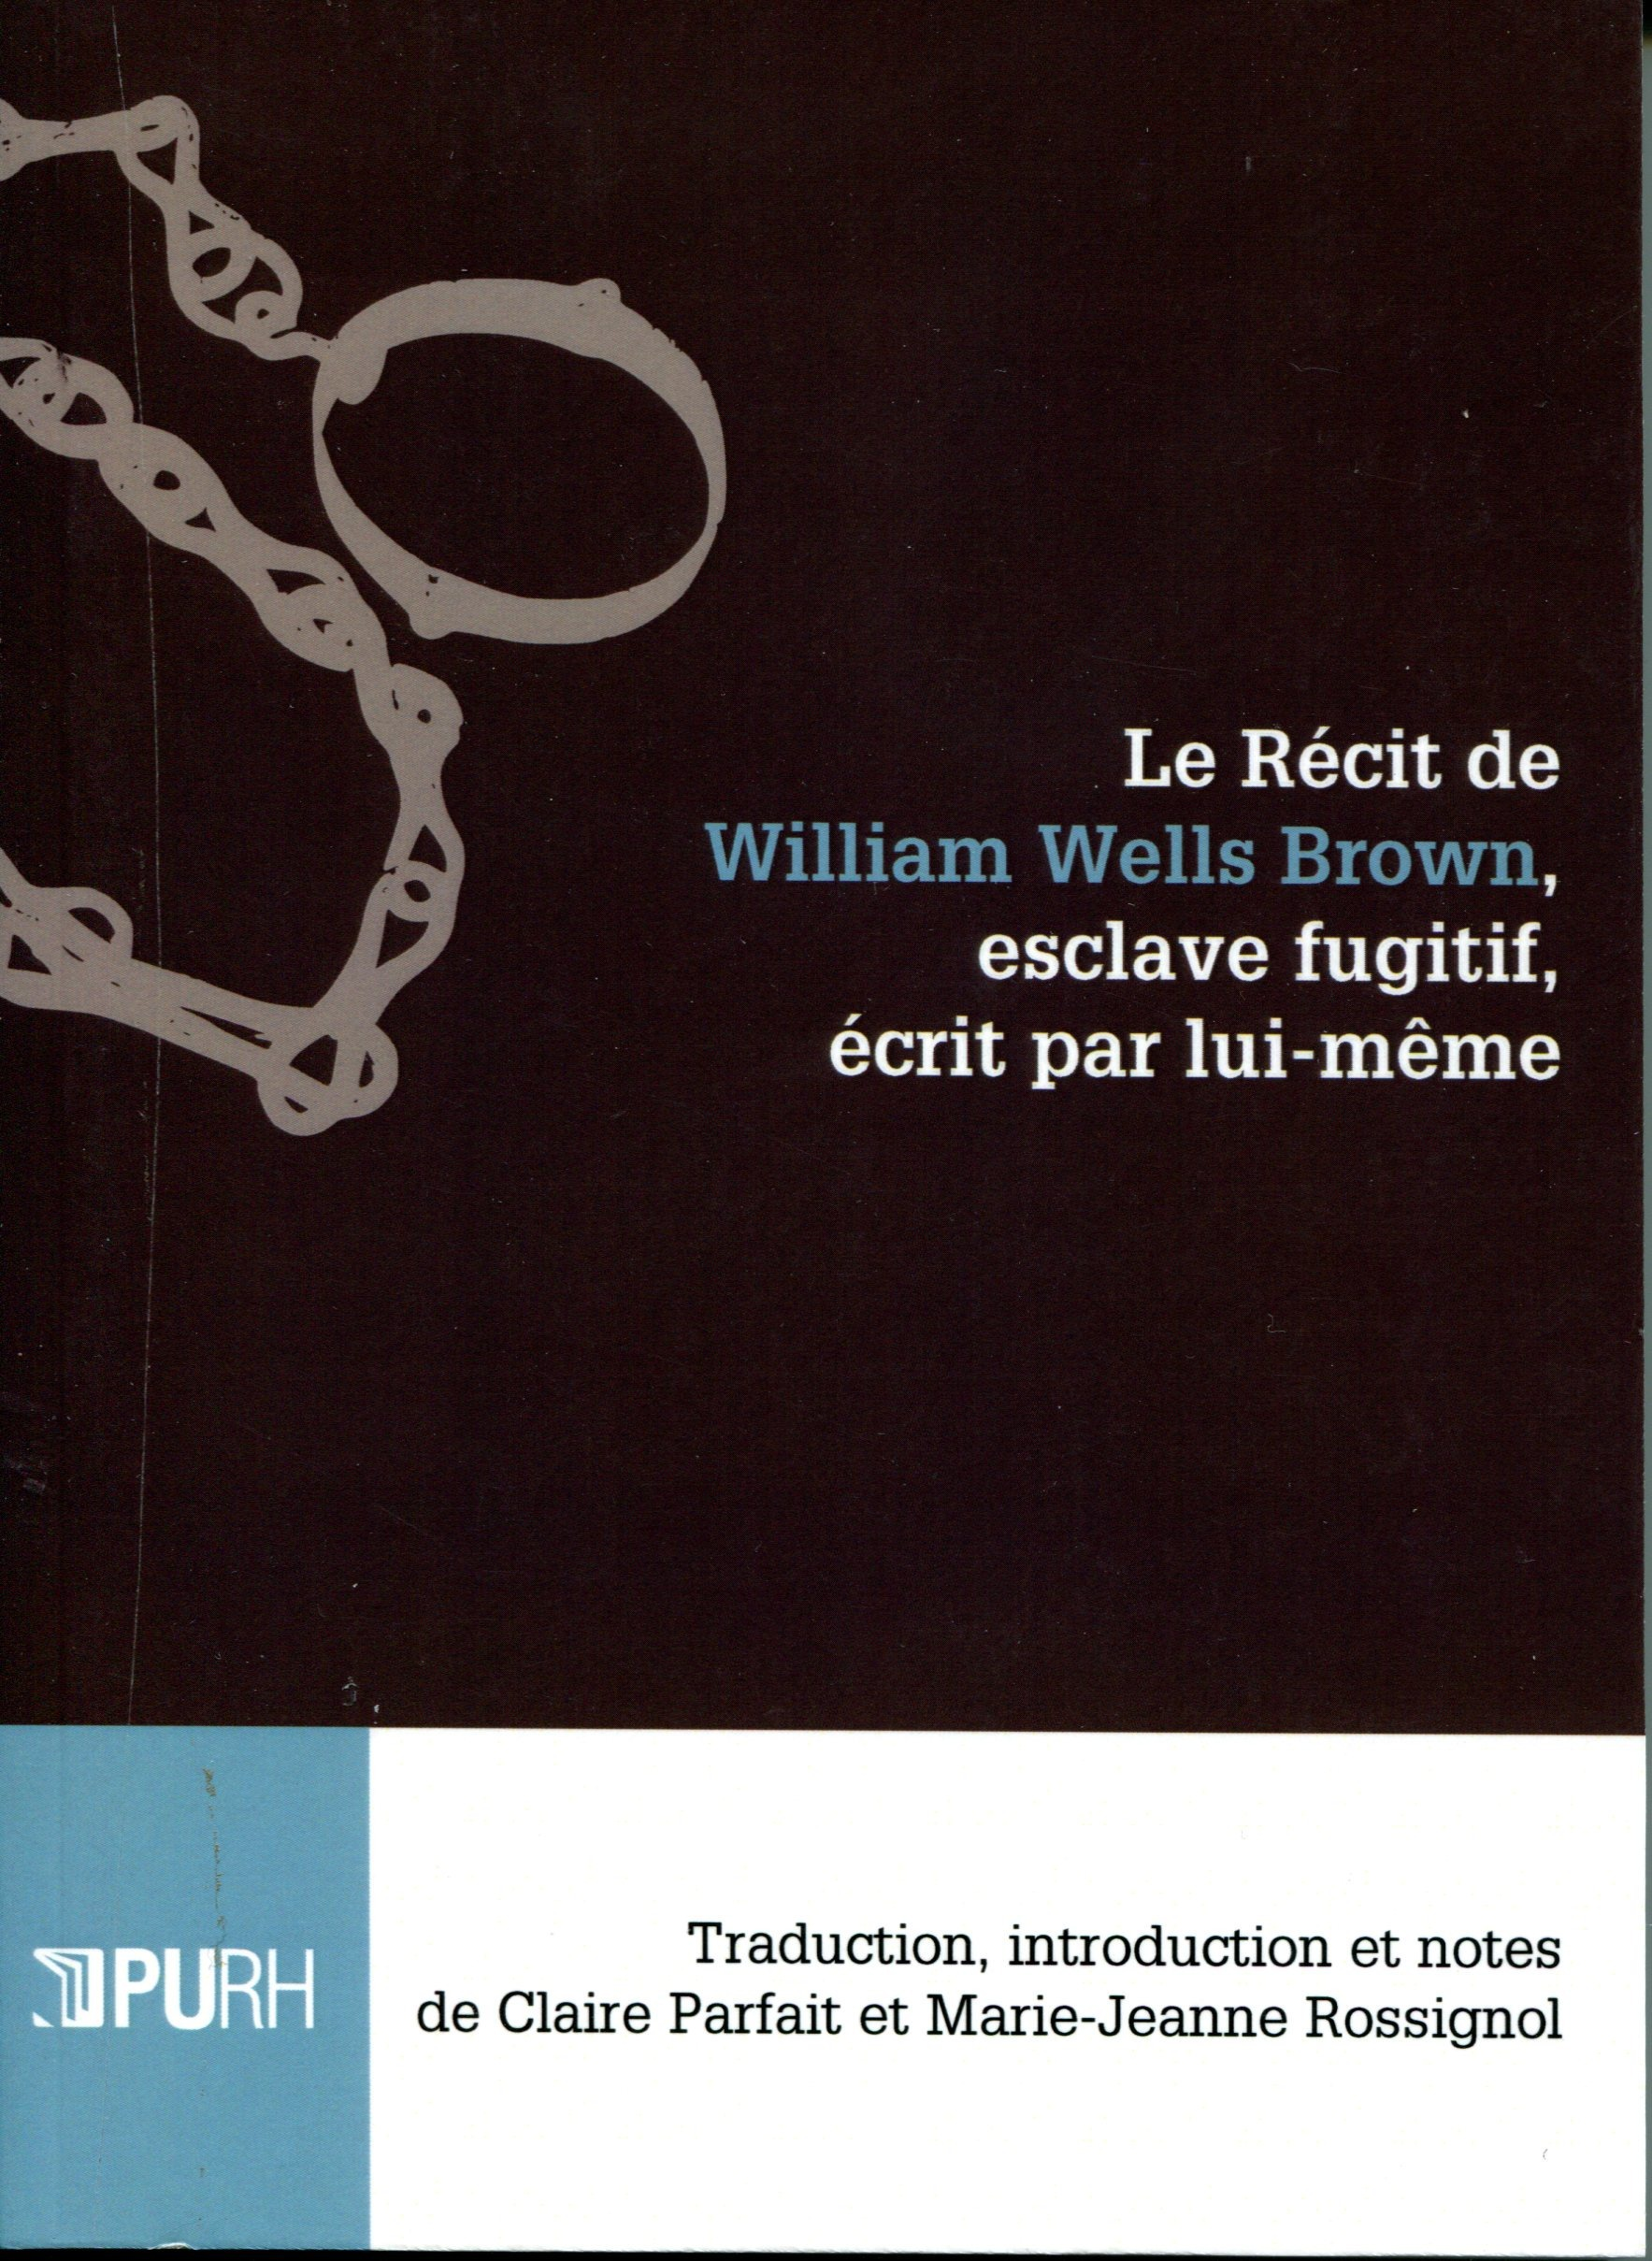 Le recit de william wells brown, esclave fugitif, ecrit par lui-meme